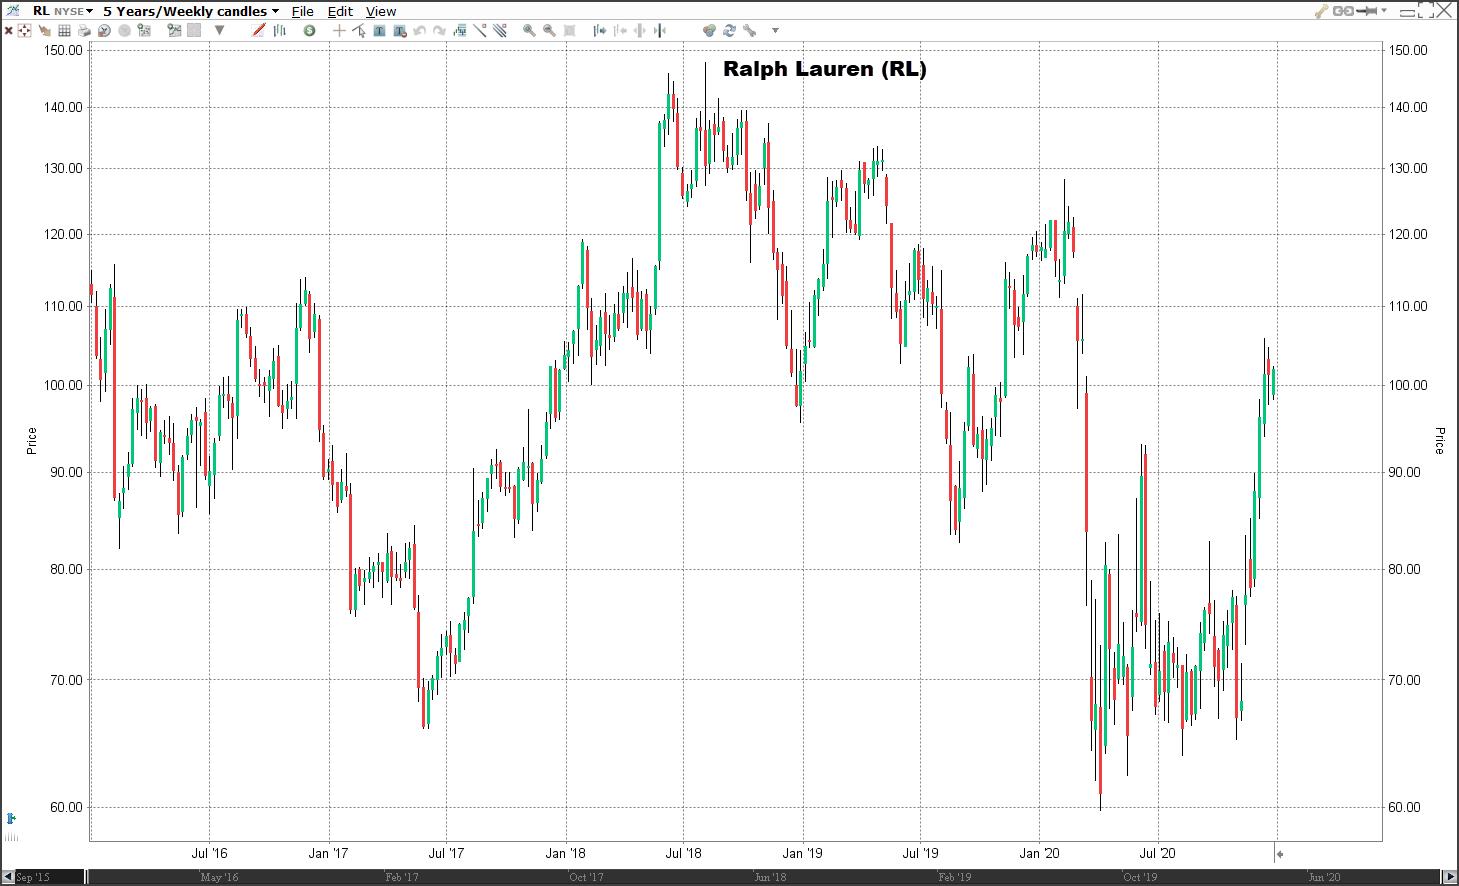 Aandeel Ralph Lauren koers | Welke aandelen kopen 2021?